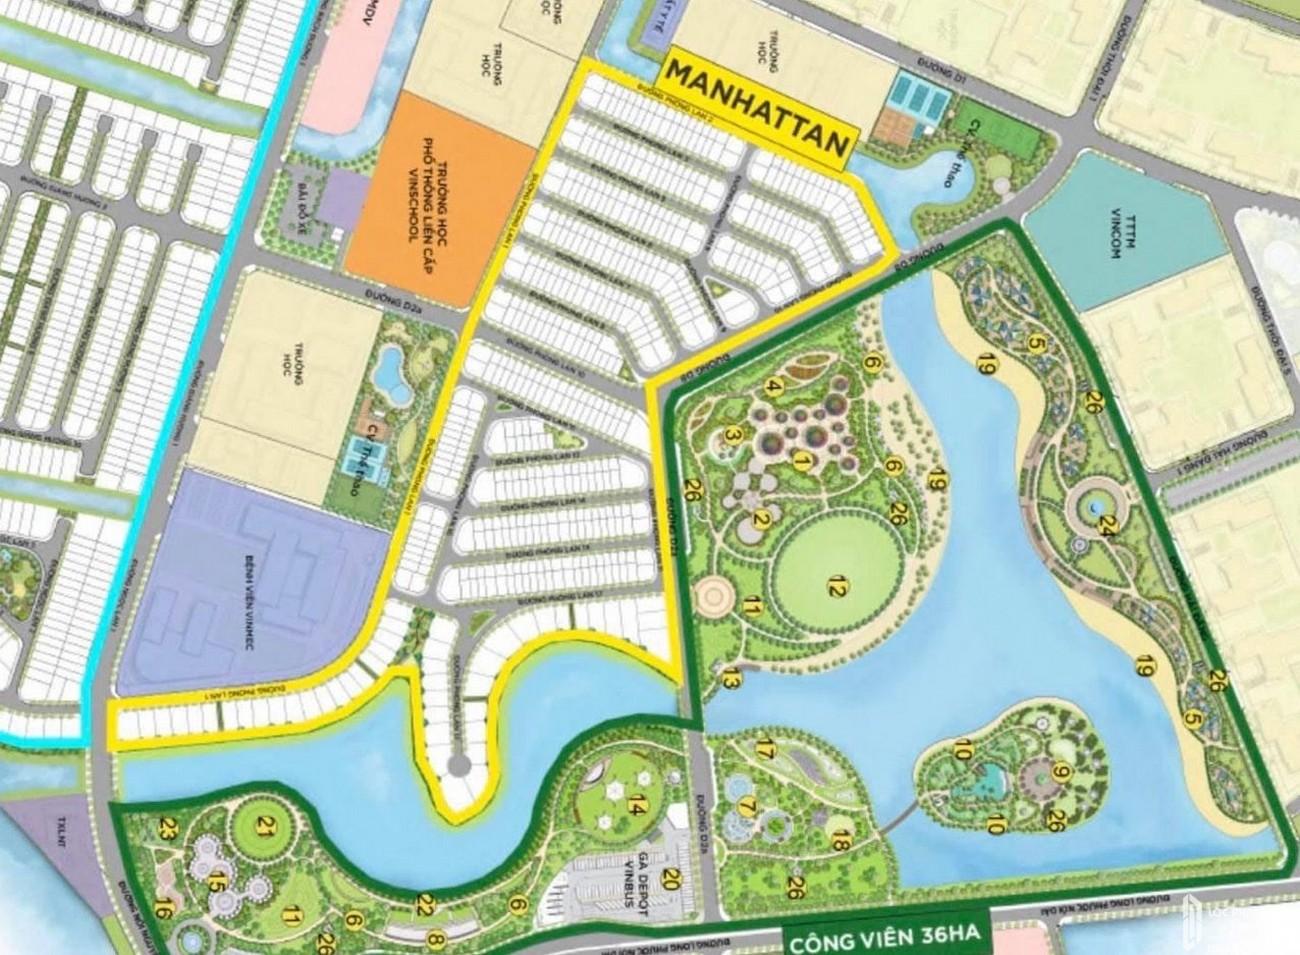 Vị trí địa chỉ dự án nhà phố The Manhattan Quận 9 Đường Nguyễn Xiển  chủ đầu tư Vingroup